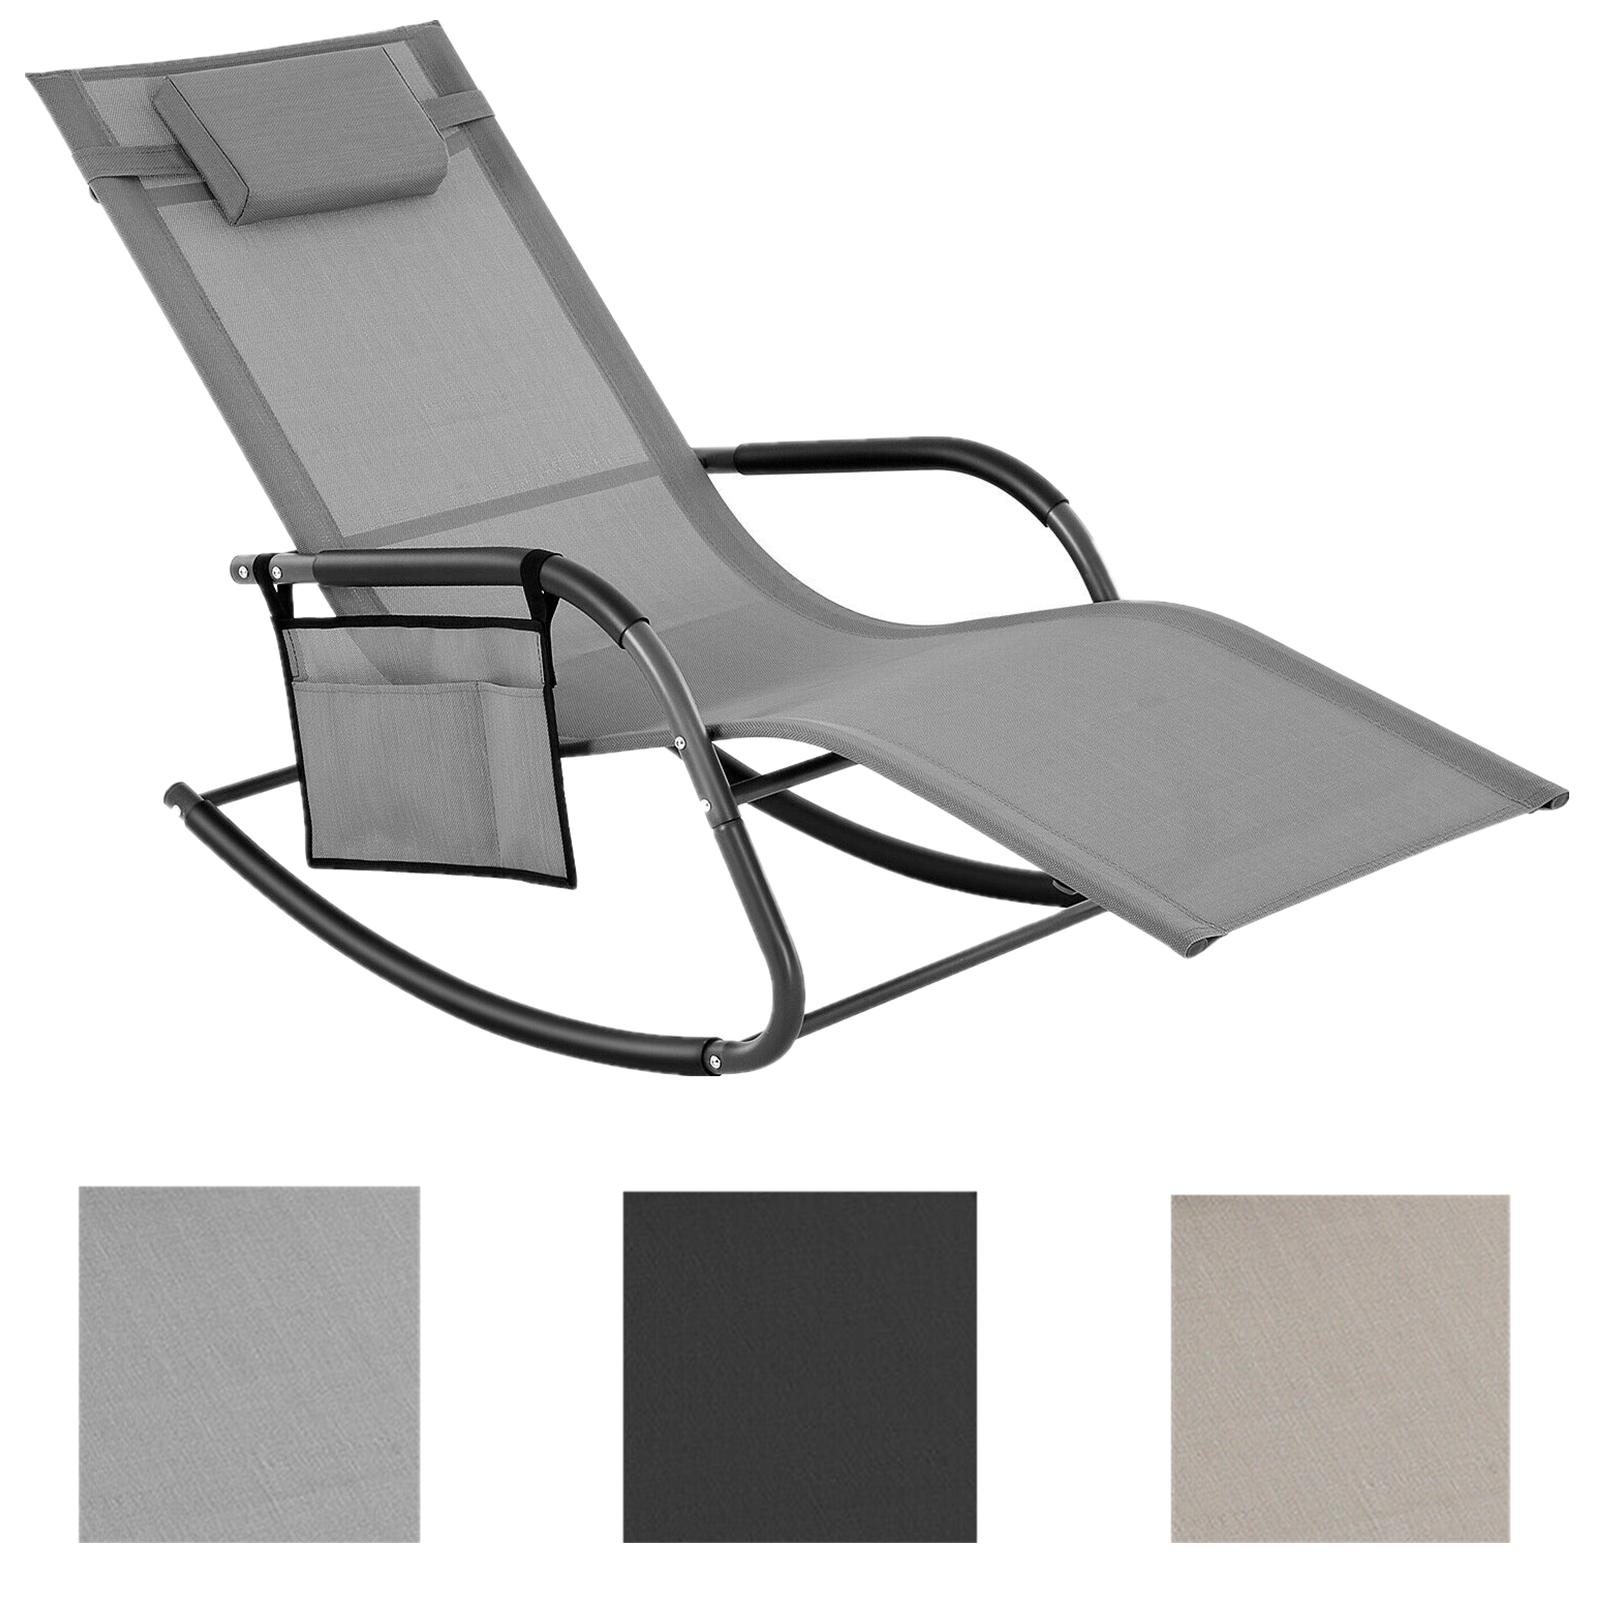 Full Size of Sonnenliege Schaukelstuhl Liegestuhl Gartenliege Ausklappbares Bett Ausklappbar Wohnzimmer Schaukelliege Klappbar